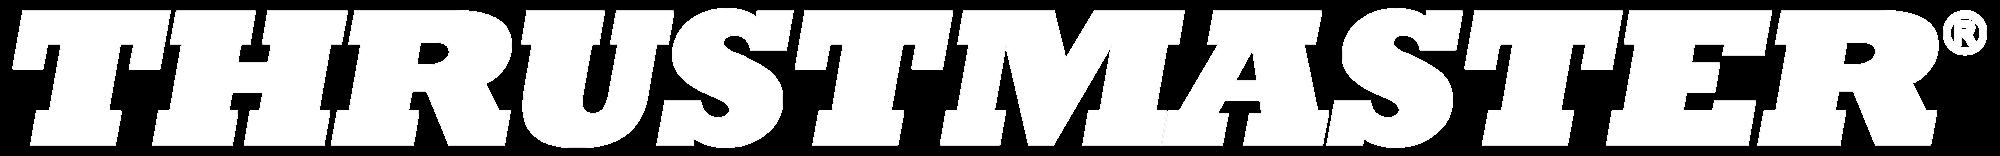 thr_logo_d9a9839bb0a104f85ee324e68337226